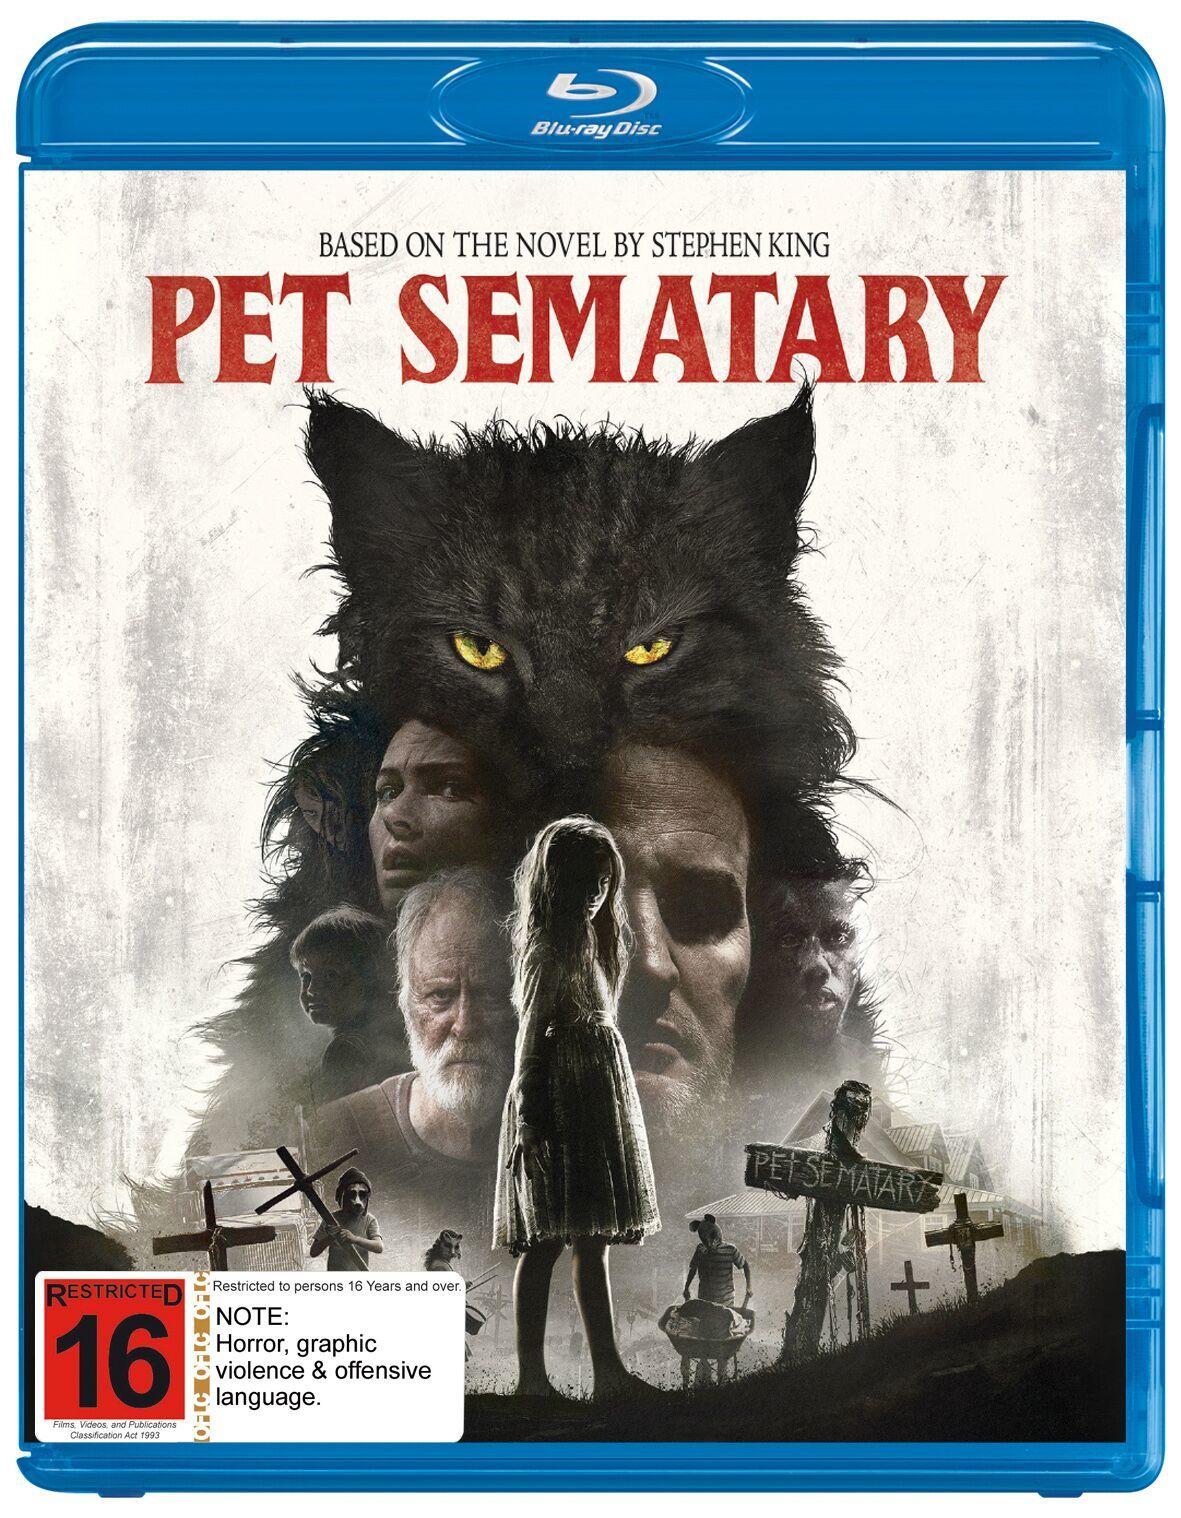 Pet Sematary (2019) on Blu-ray image